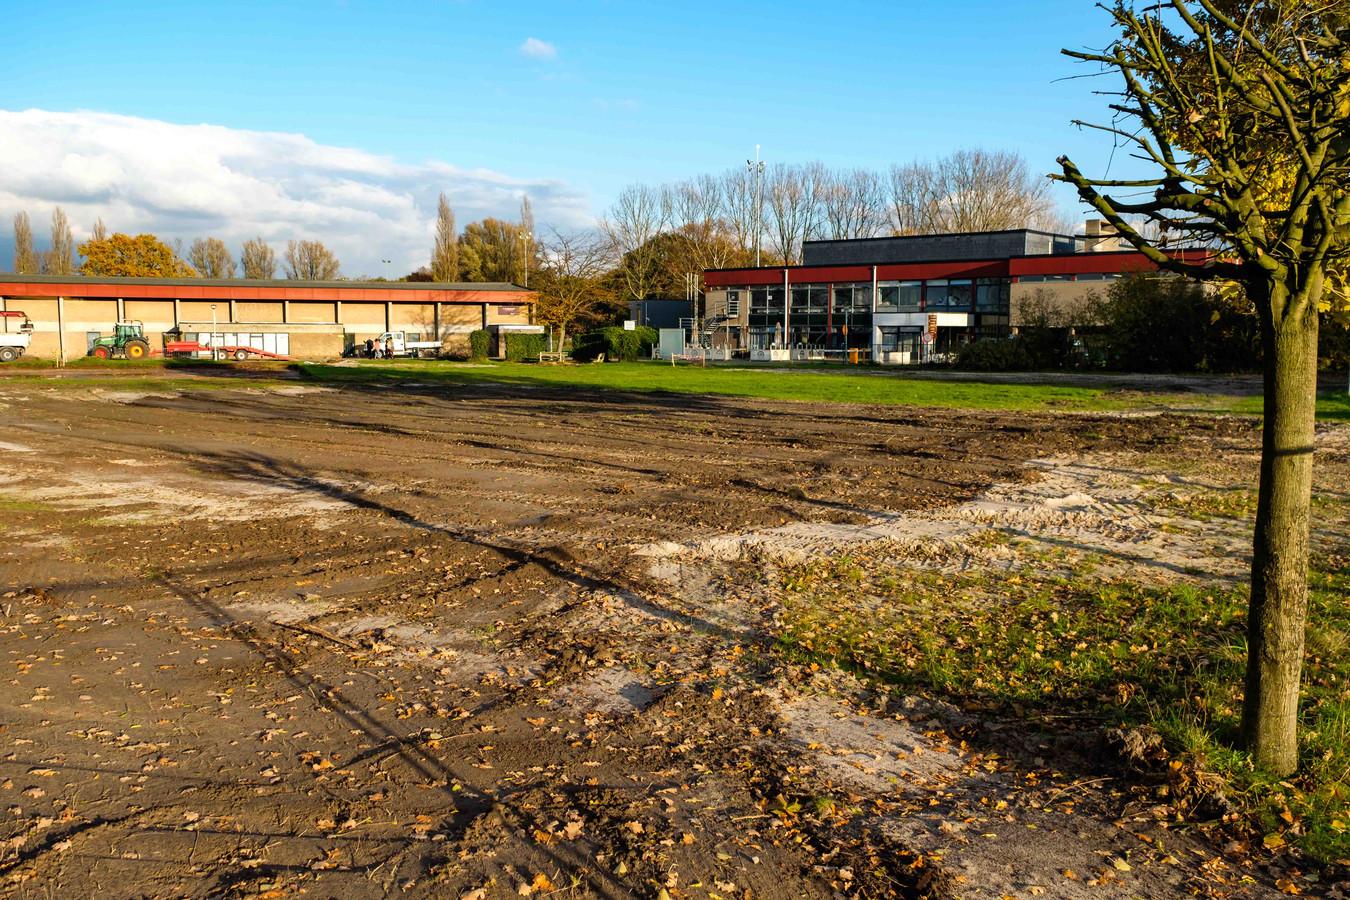 De speeltuin naast het zwembad is vroeger dan gepland afgebroken.